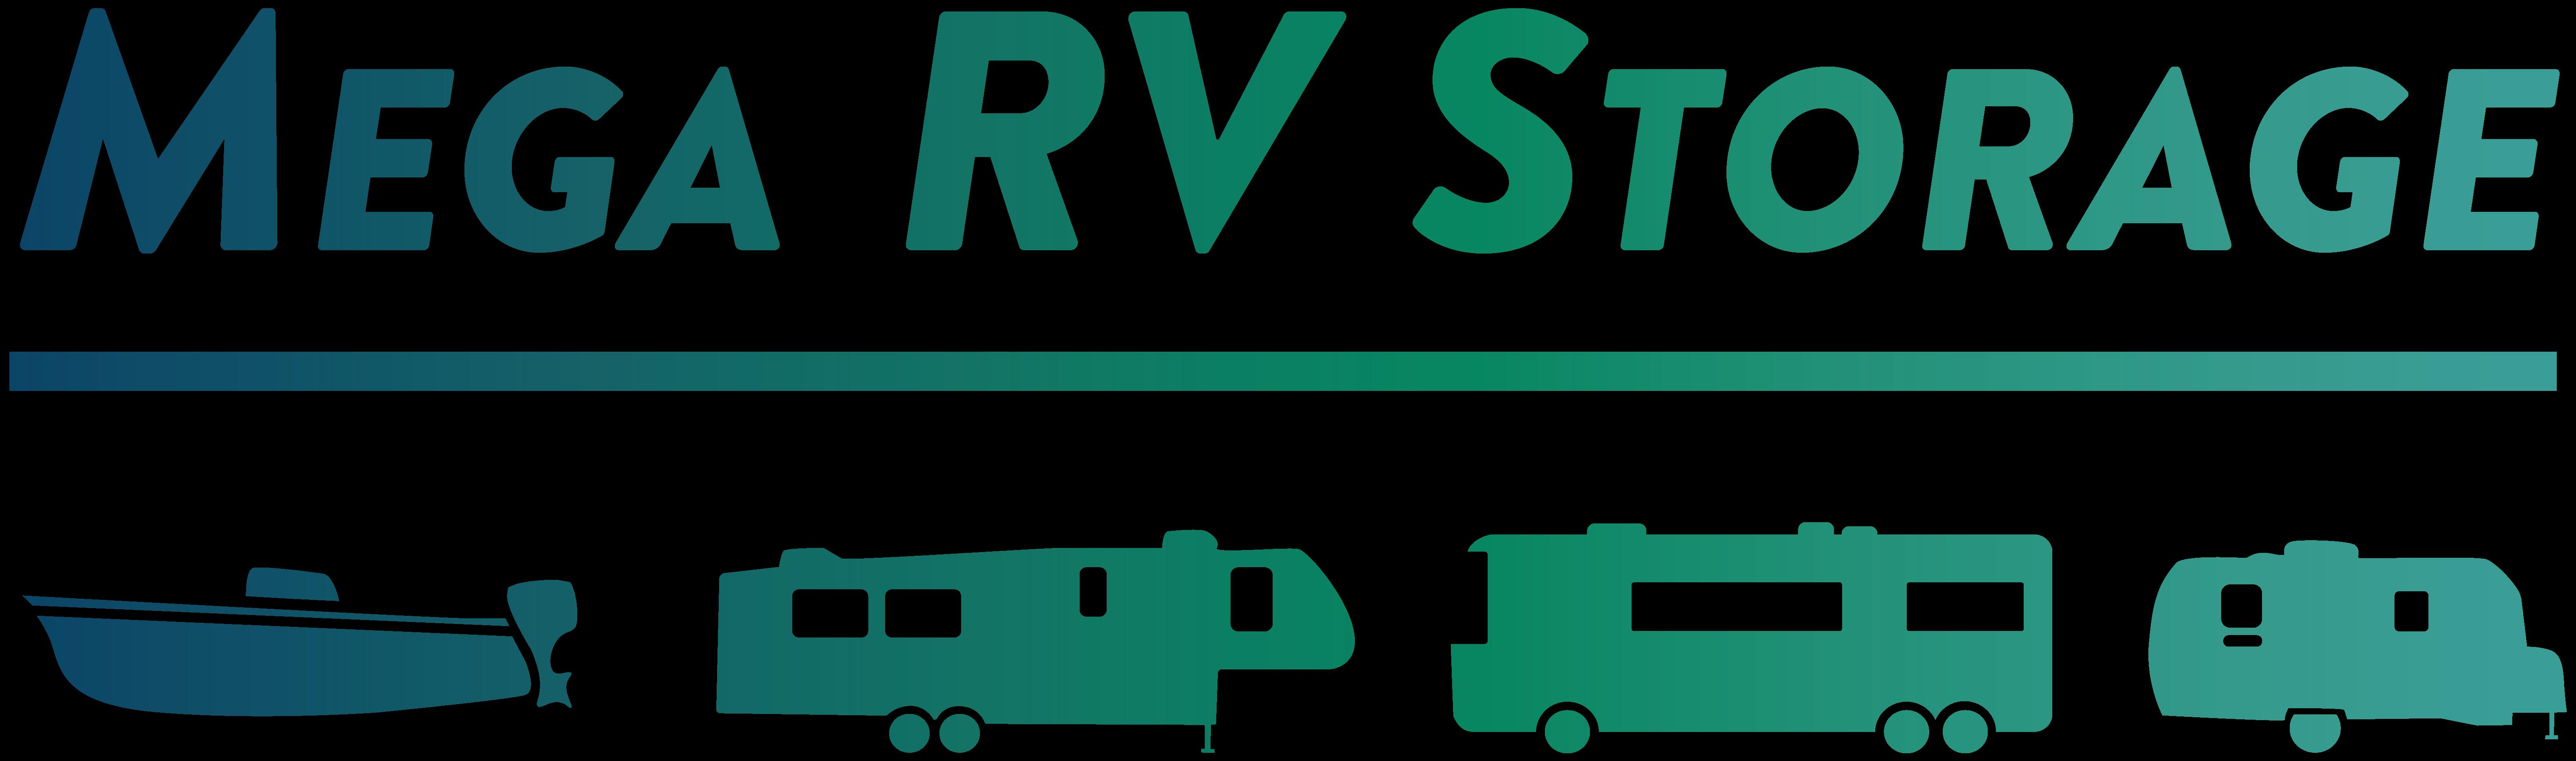 Mega RV Storage